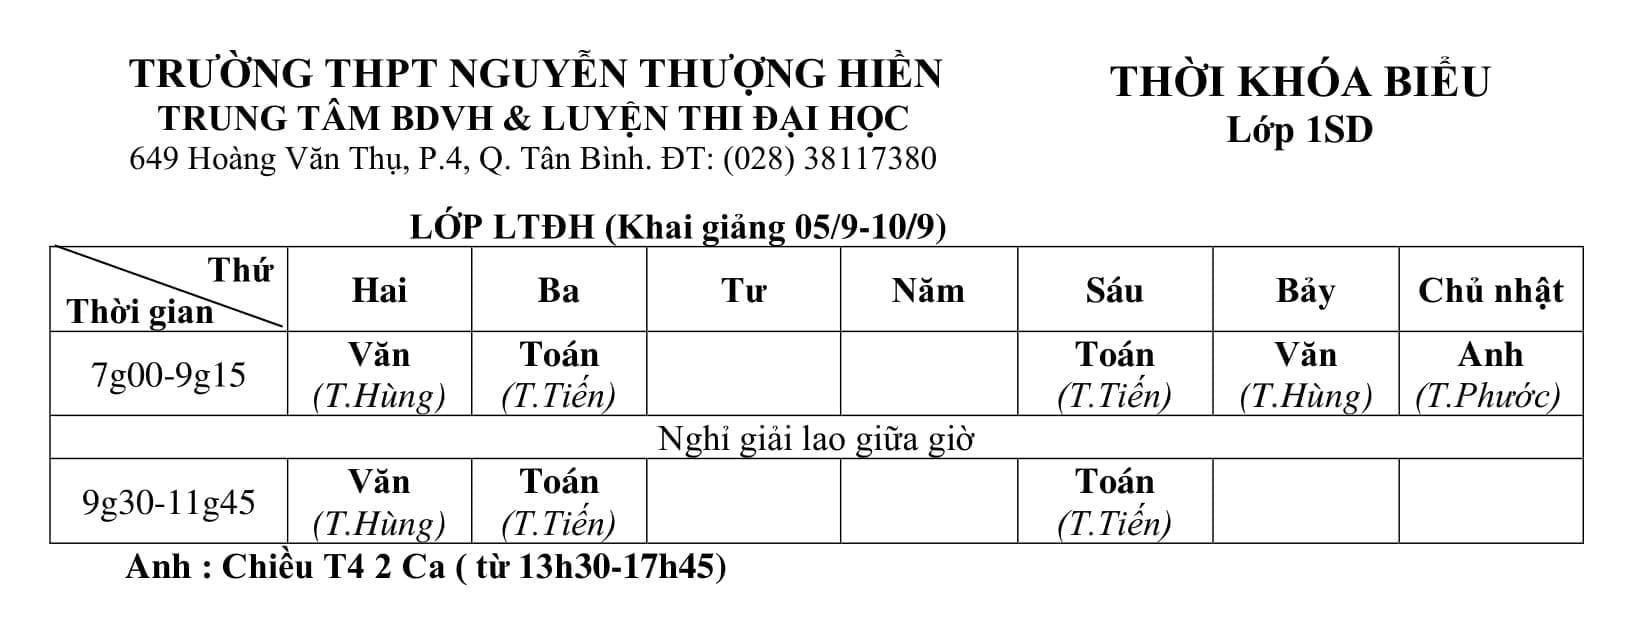 TKB các lớp Luyện Thi Đại Học 2021, THPT QG 2021, Bồi Dưỡng Văn Hóa Từ Ngày 9/9/2020 (Hình 4)